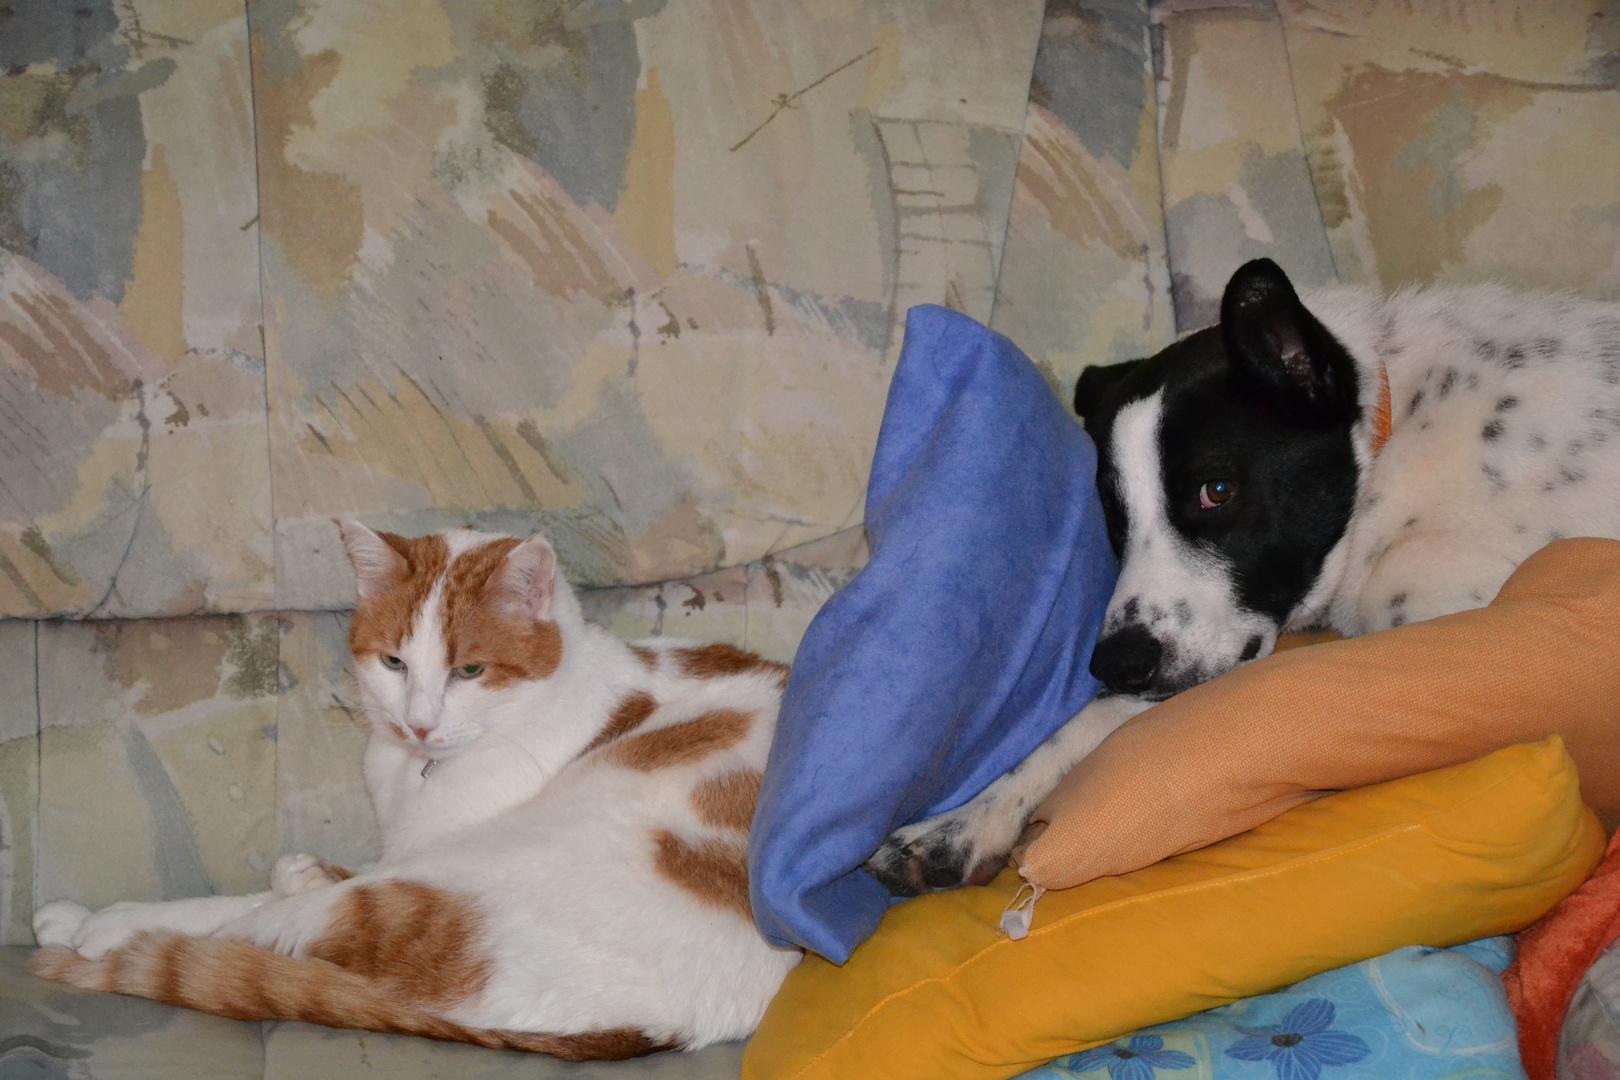 Ich verstecke mich lieber, sonst muss ich womöglich noch mit der Katze spielen.